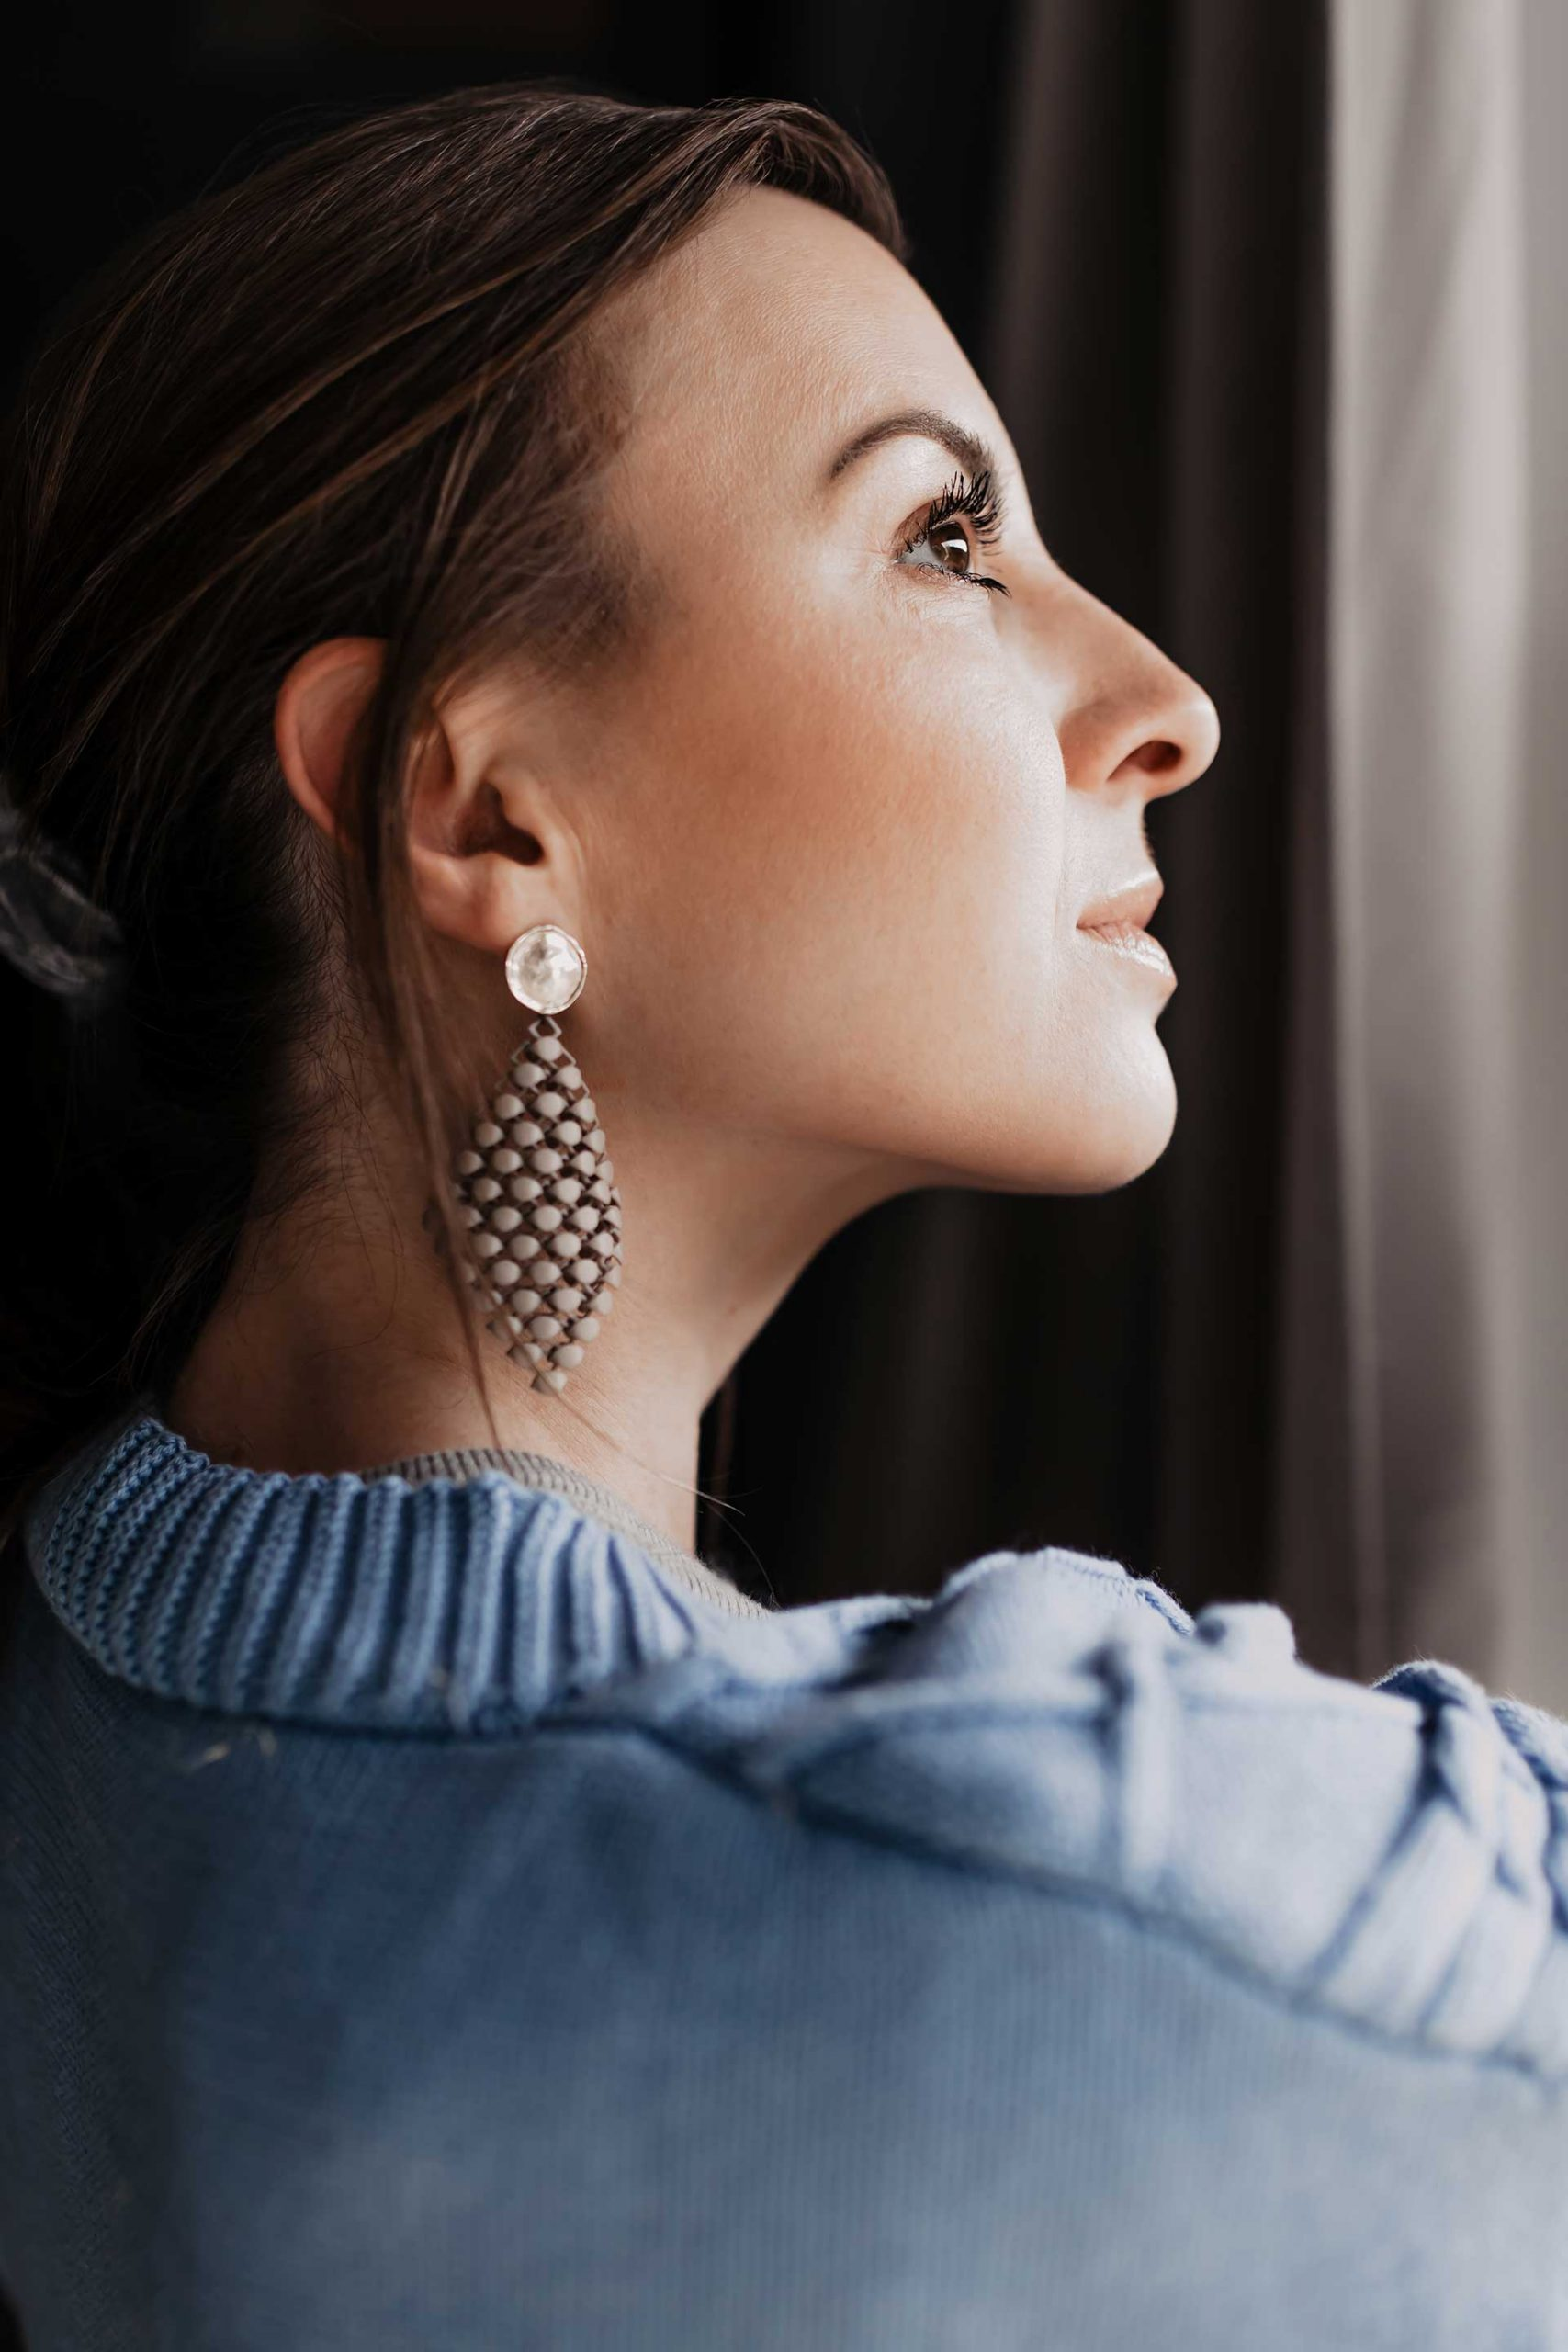 Anzeige. Heute verrate ich dir am Beauty Blog, wie dir ein natürlich schöner Teint in 3 schnellen Schritten gelingt. www.whoismocca.com